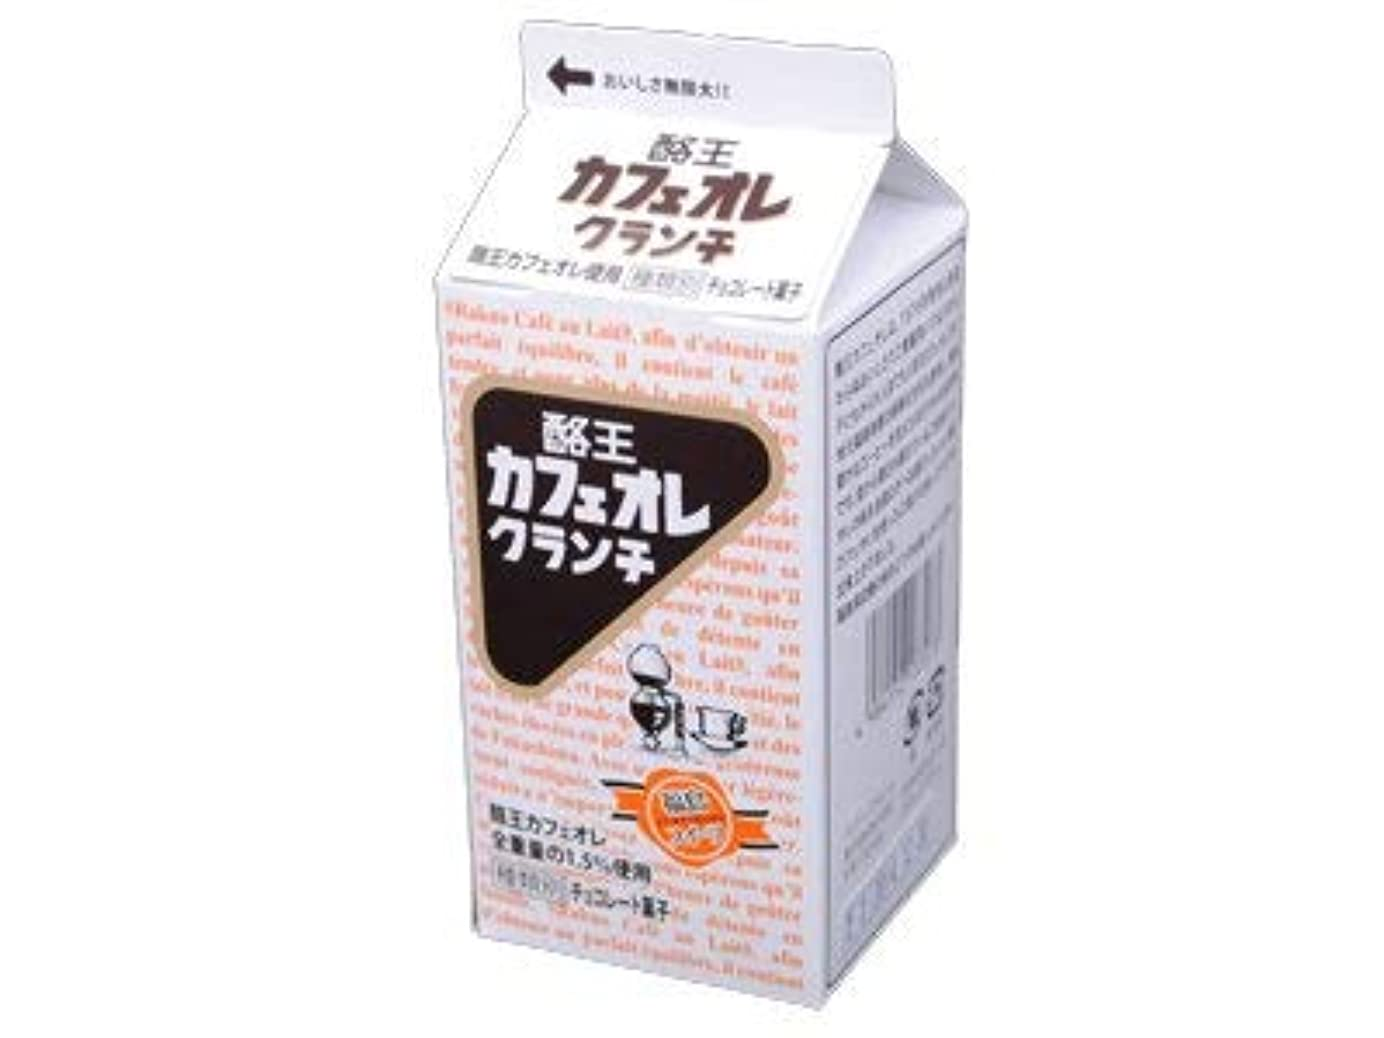 有害残り折り目酪王カフェオレクランチ 5個入り 12箱セット 福島土産 *